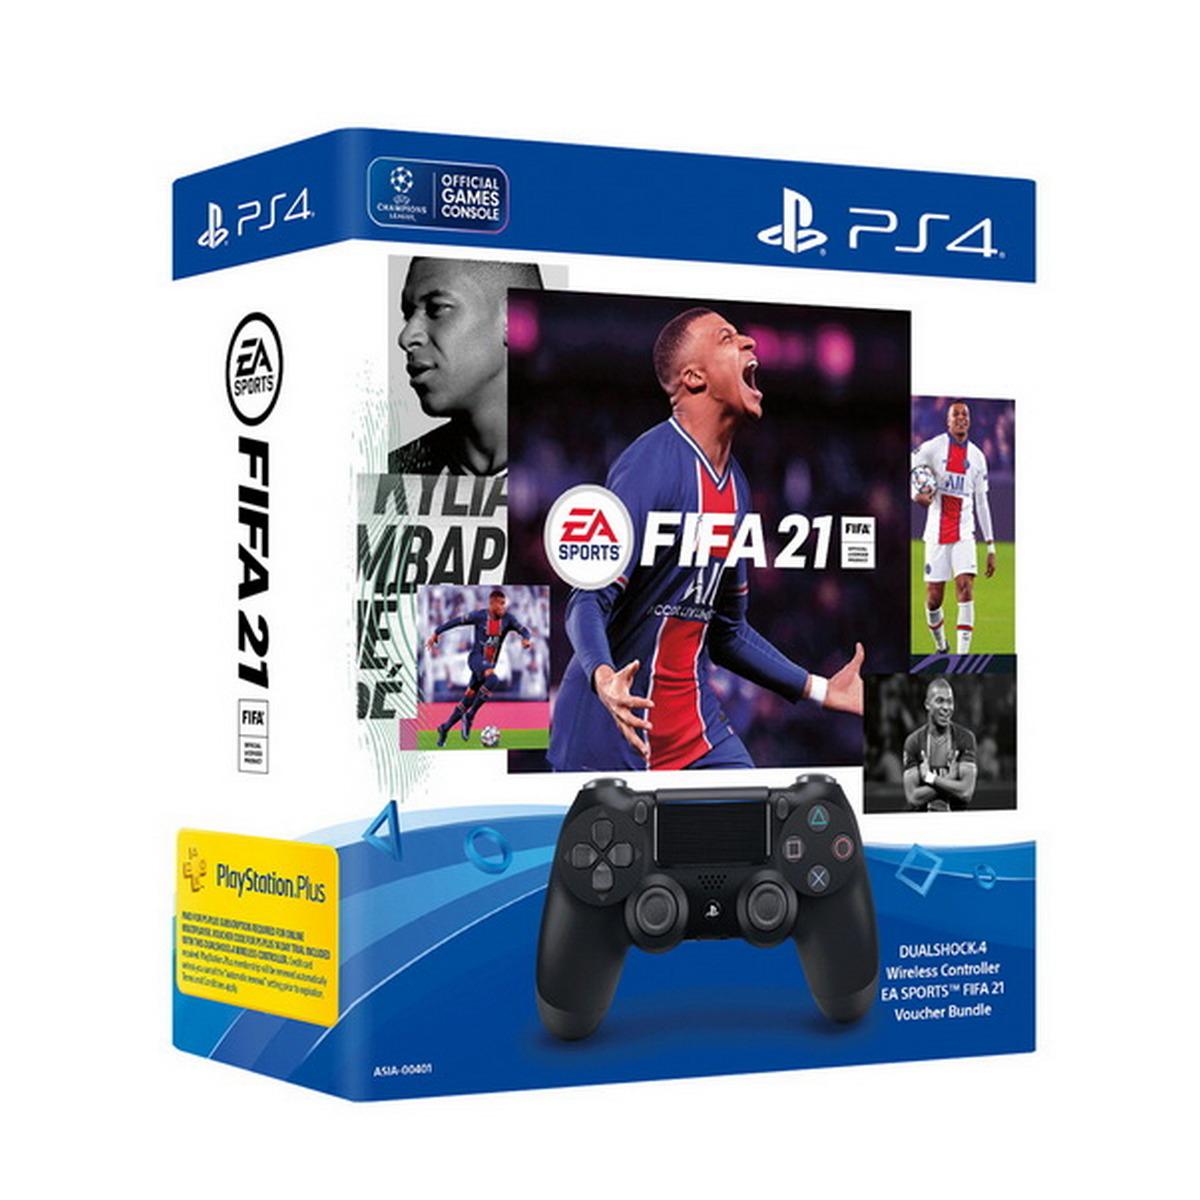 คอนโทรลเลอร์ (สีดำ) รุ่น DualShock 4 EA SPORTS FIFA 21 Voucher Bundle